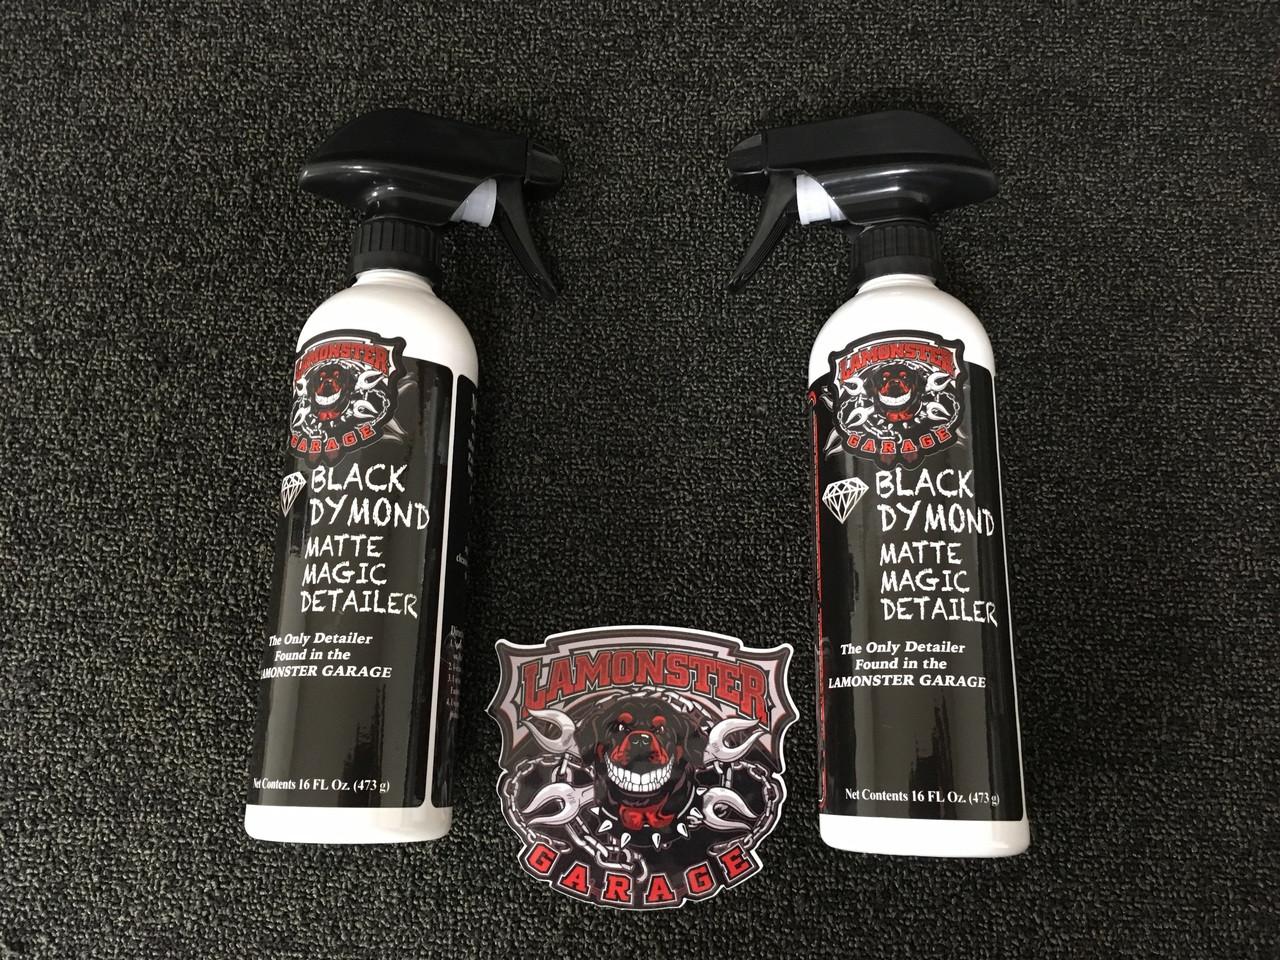 Lamonster Black Dymond Matte Magic Detailer (2 Bottle Price)